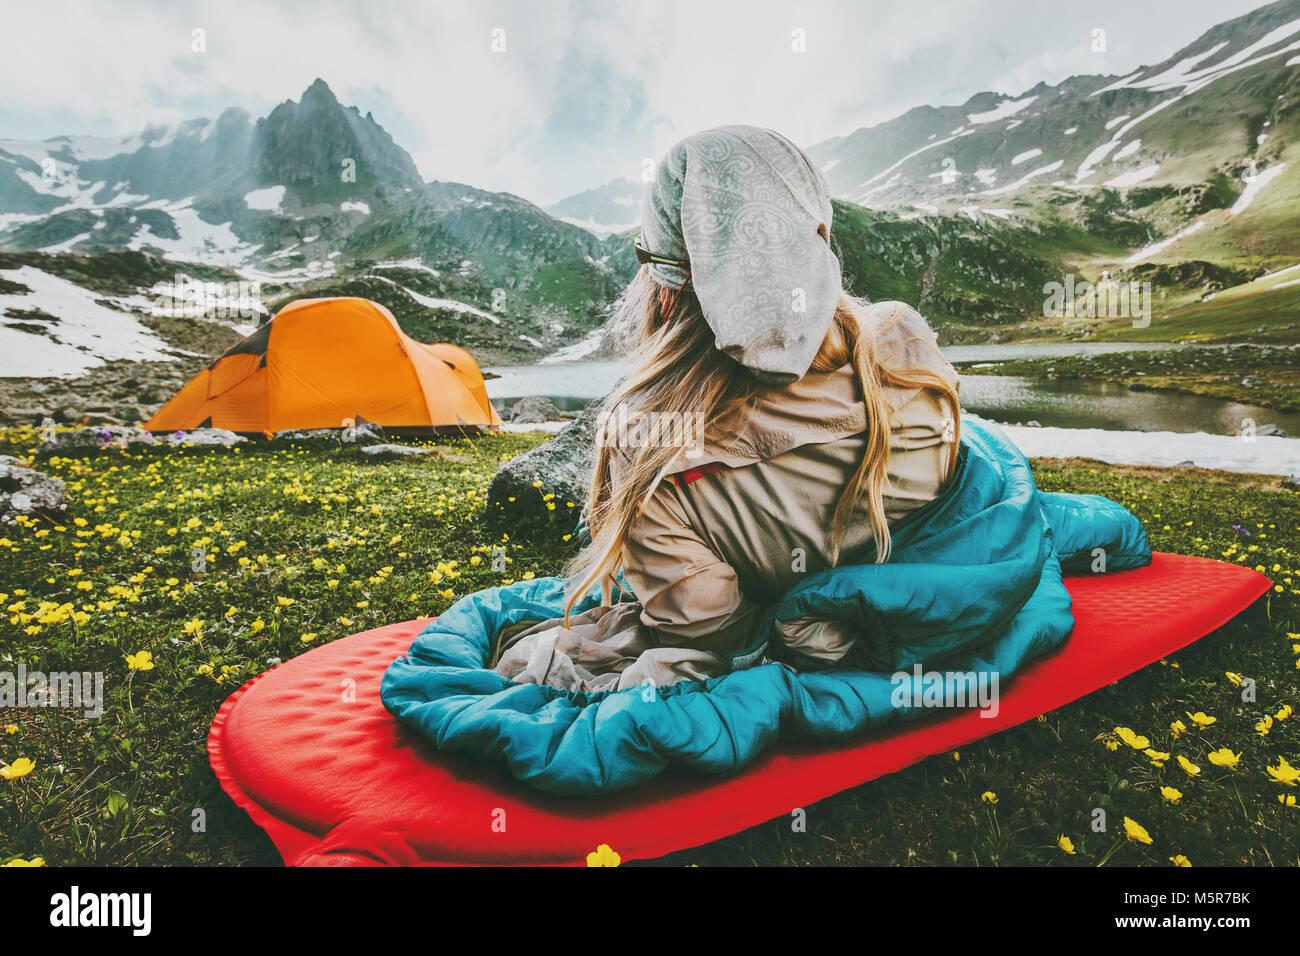 Mujer relajante en saco de dormir sobre la alfombra roja camping vacaciones viajes en montañas concepto de Imagen De Stock